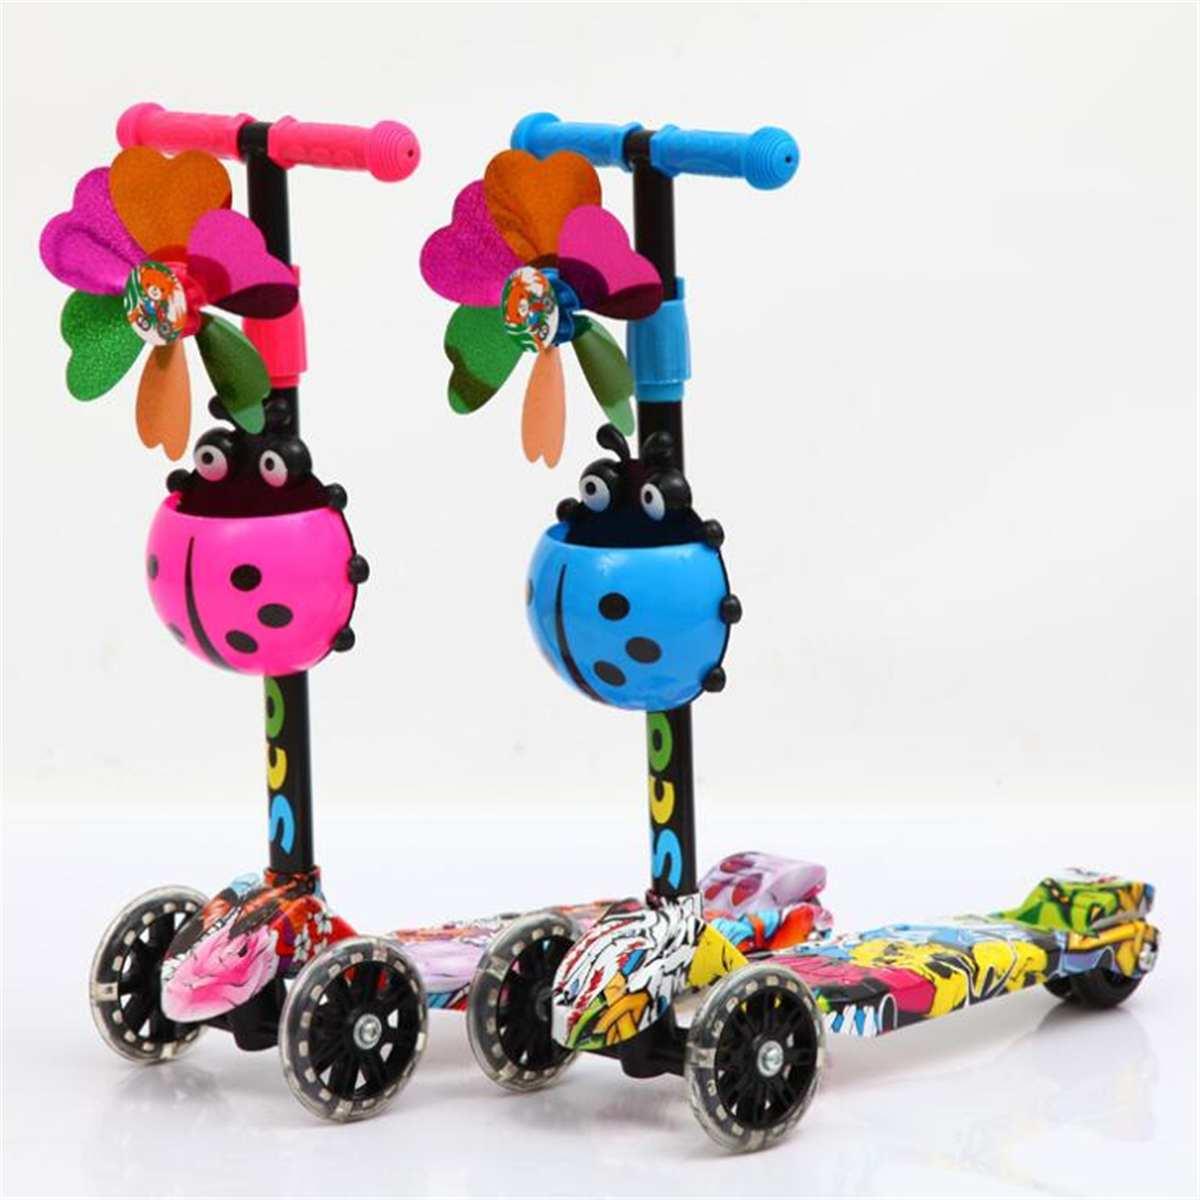 Enfants 4 roues pied Scooters réglable unisexe coup de pied Scooter lumière LED Up enfants ville rouleau Skateboard cadeaux pour enfants rose